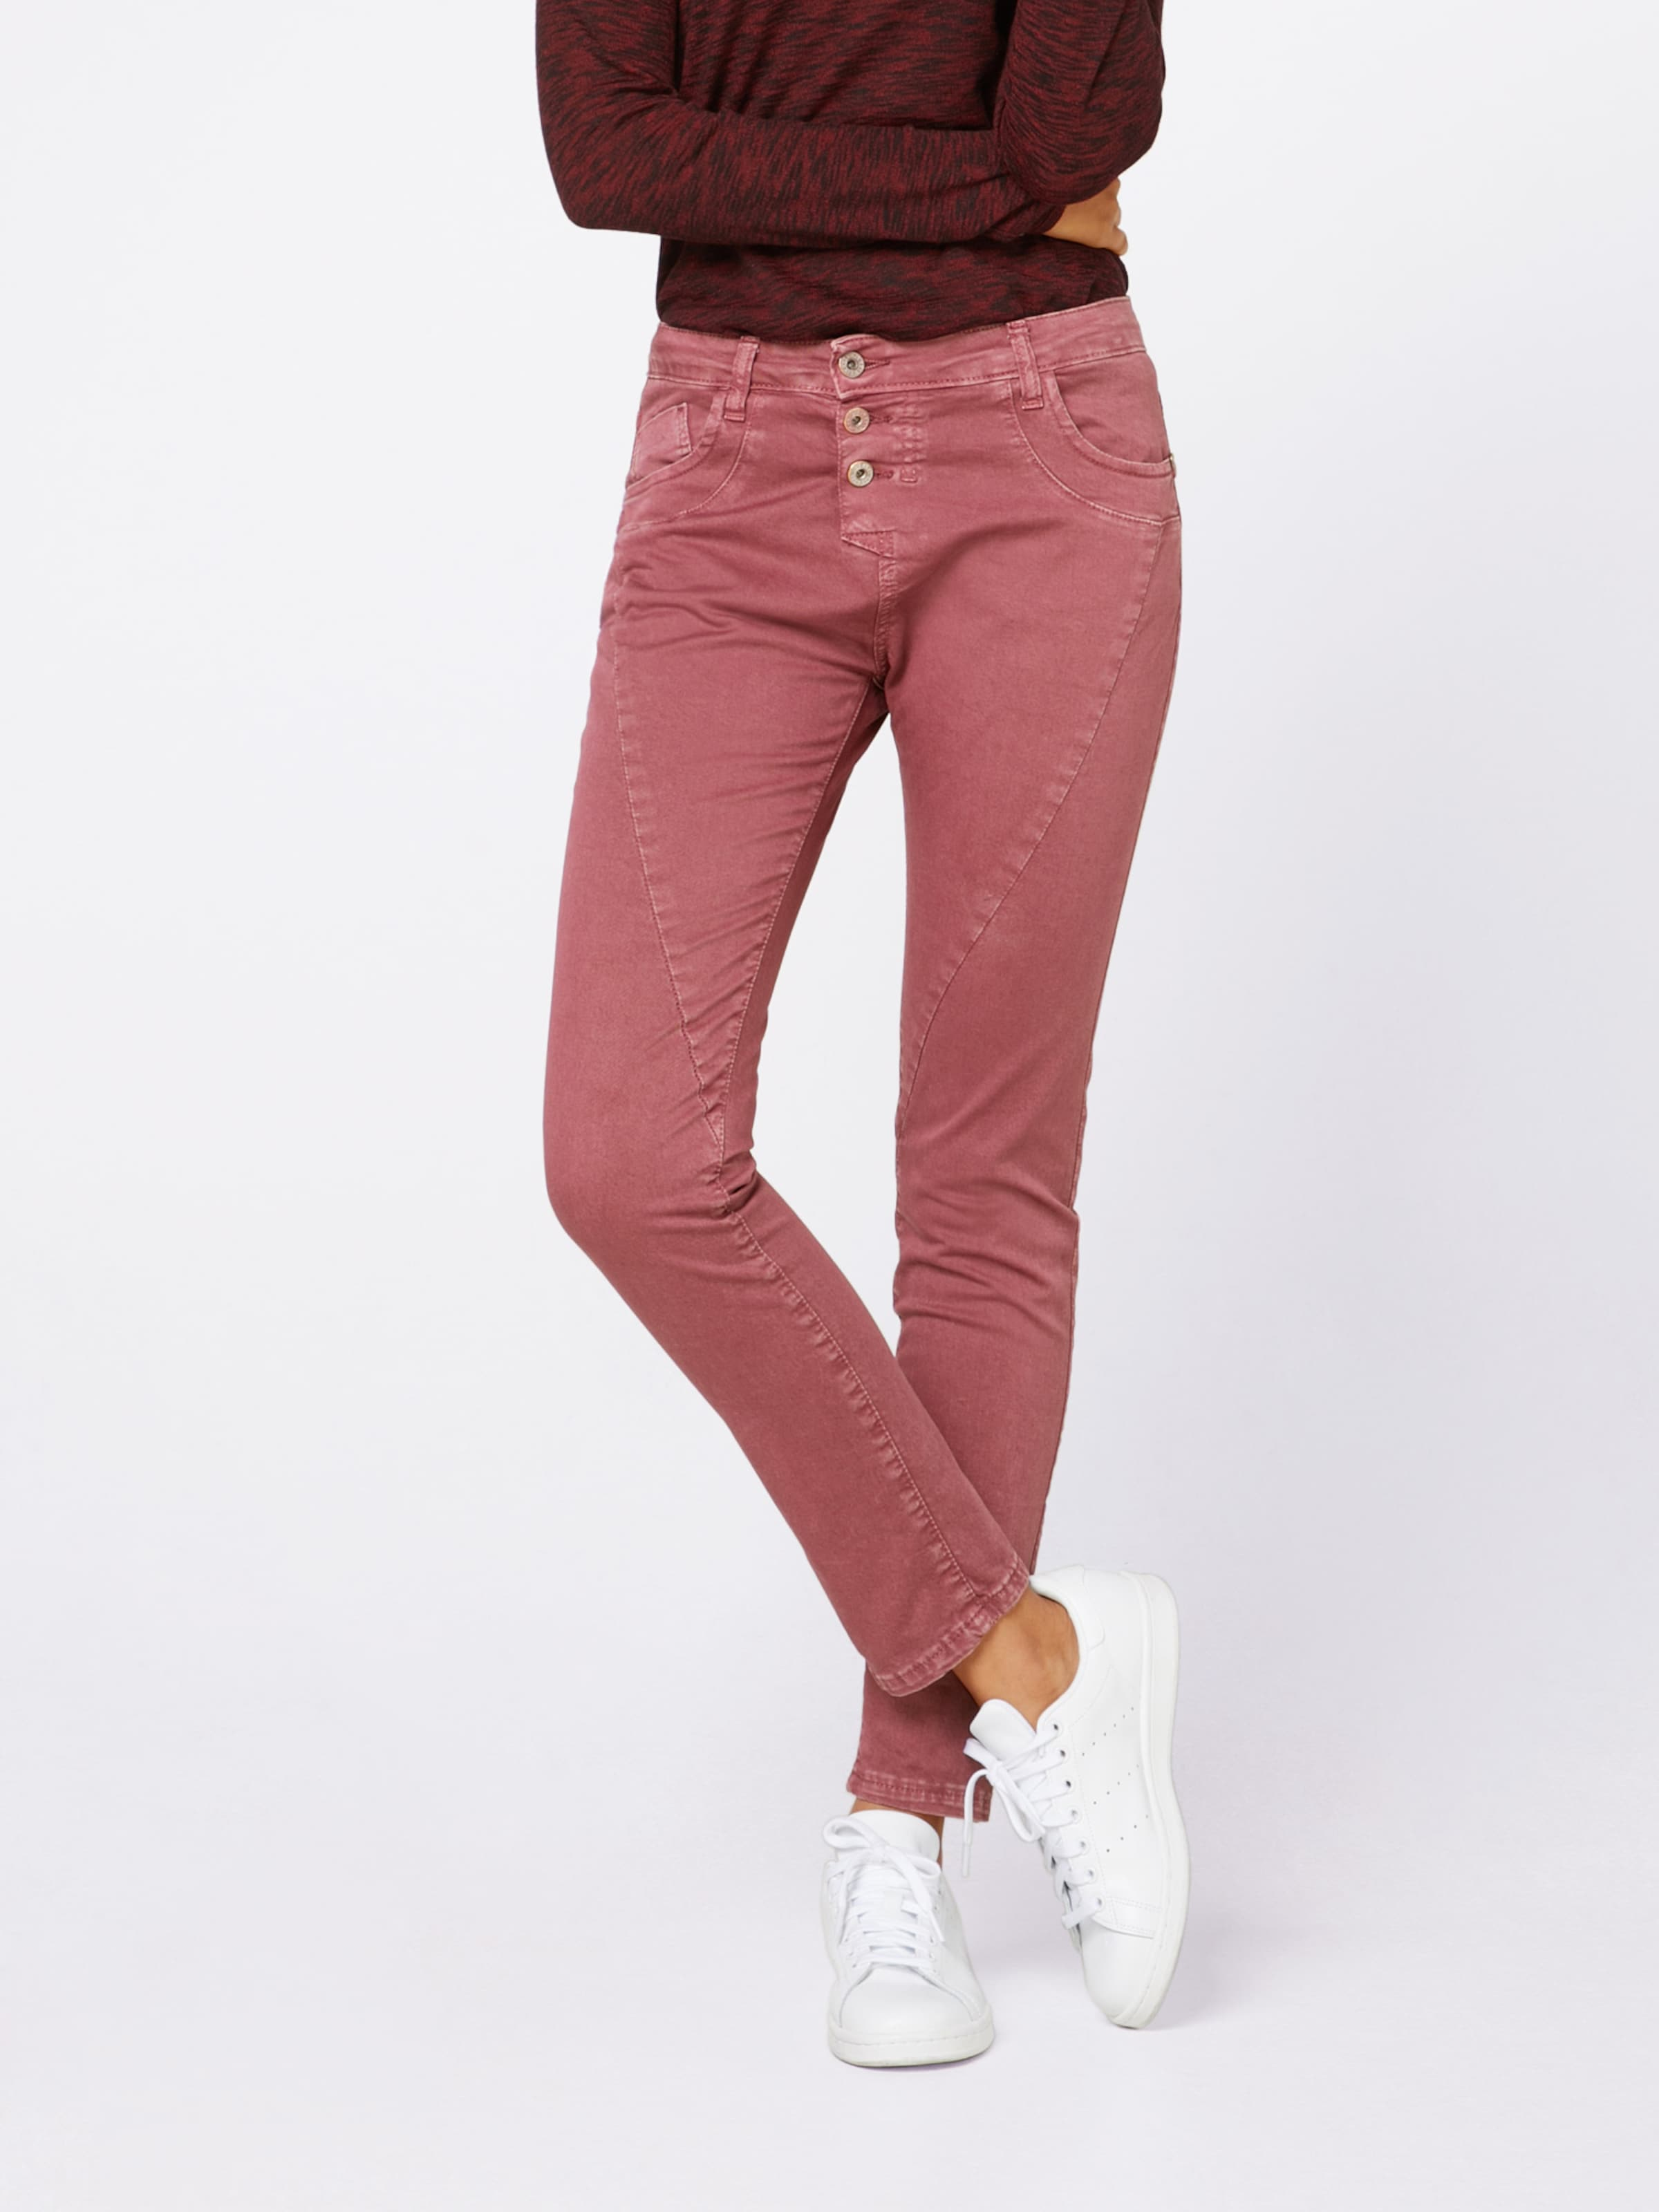 Freies Verschiffen Bequem PLEASE Slimfit Jeans Günstiger Preis Versandkosten Für Eastbay Günstigen Preis 2018 Günstiger Preis Gibt Verschiffen Frei m4patUDJ